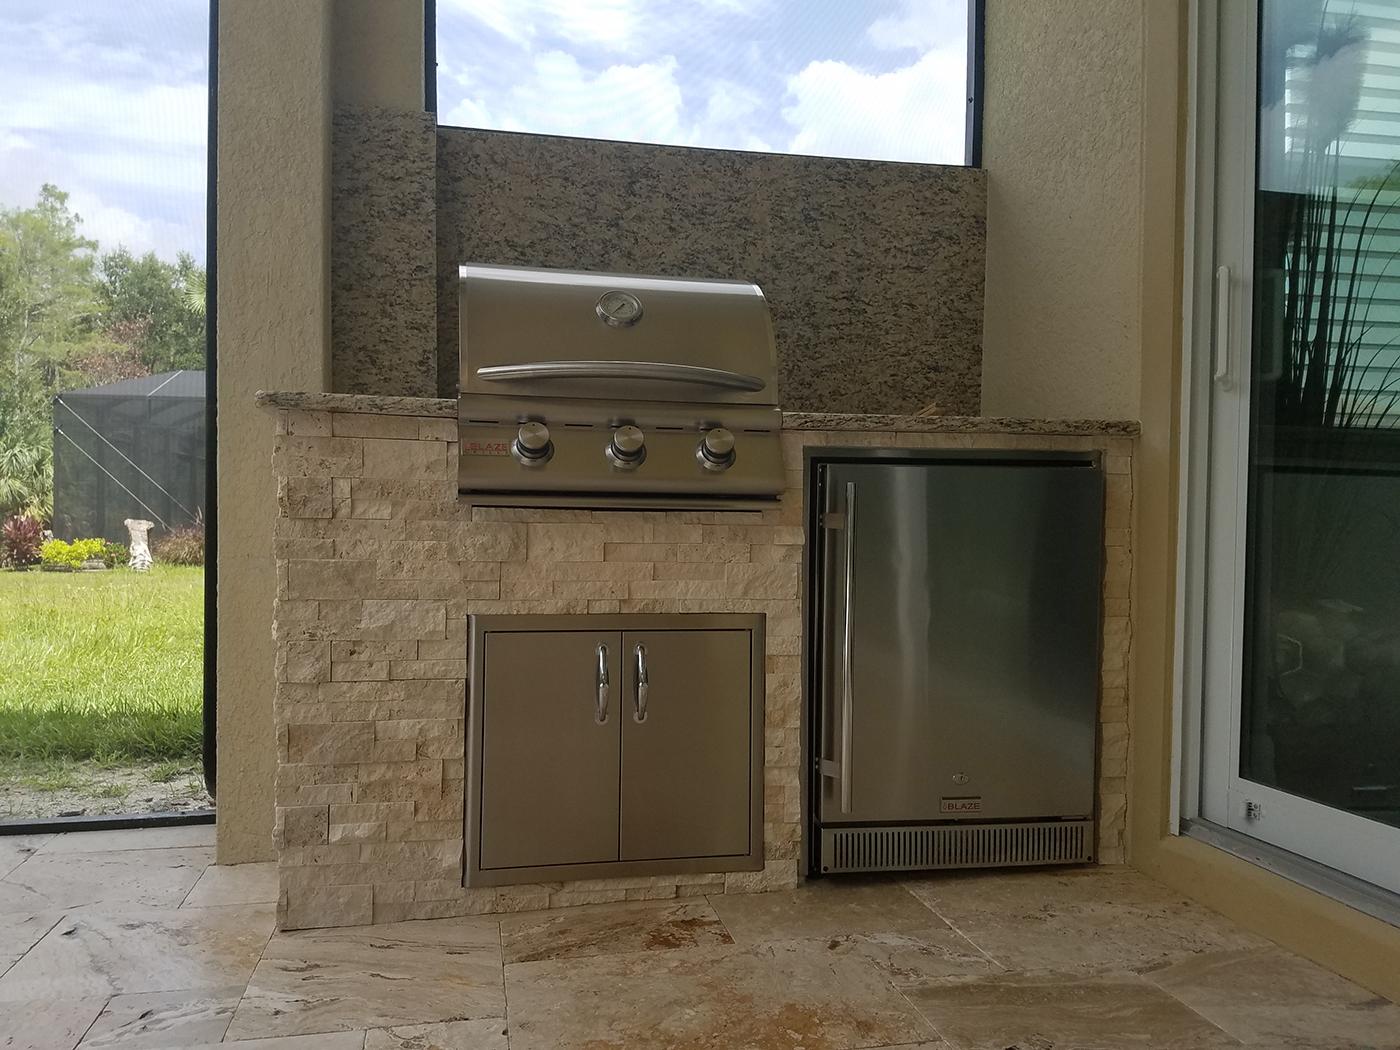 Outdoor kitchen on a lanai patio extension elegant for Outdoor kitchen designs florida